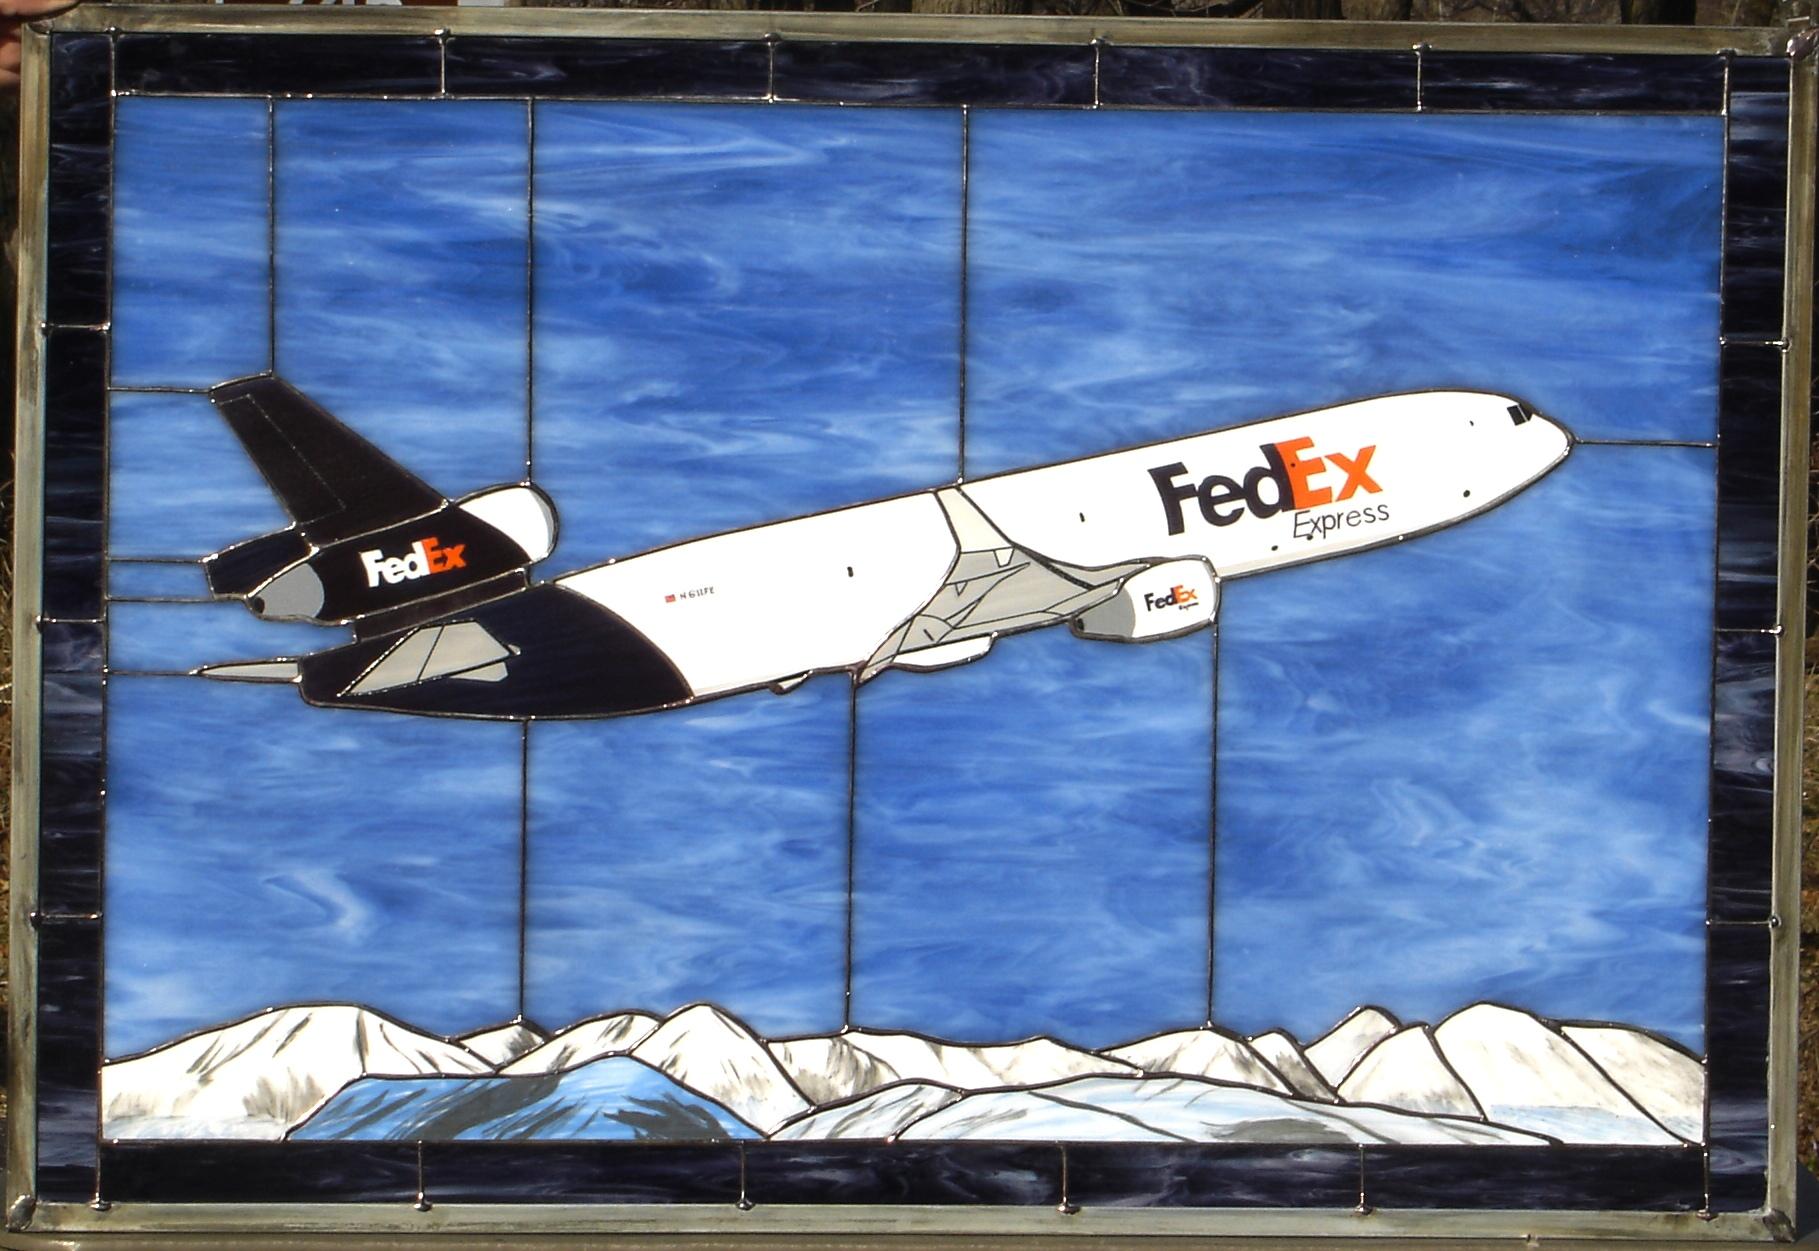 Denver Climb-out, MD-11